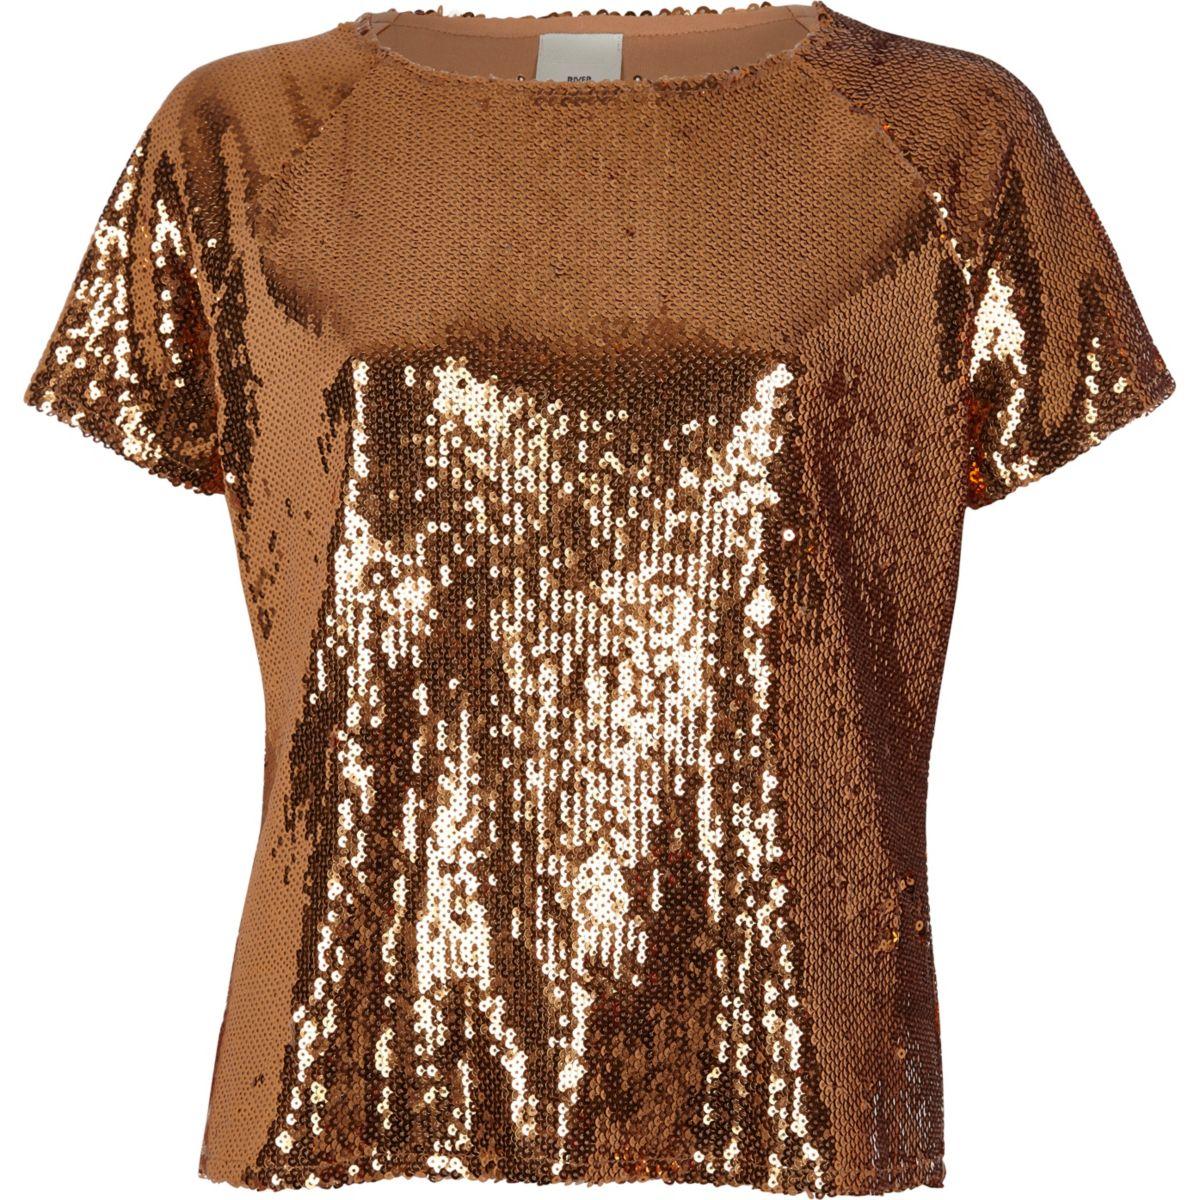 Paillettenverziertes T-Shirt in Kupfer